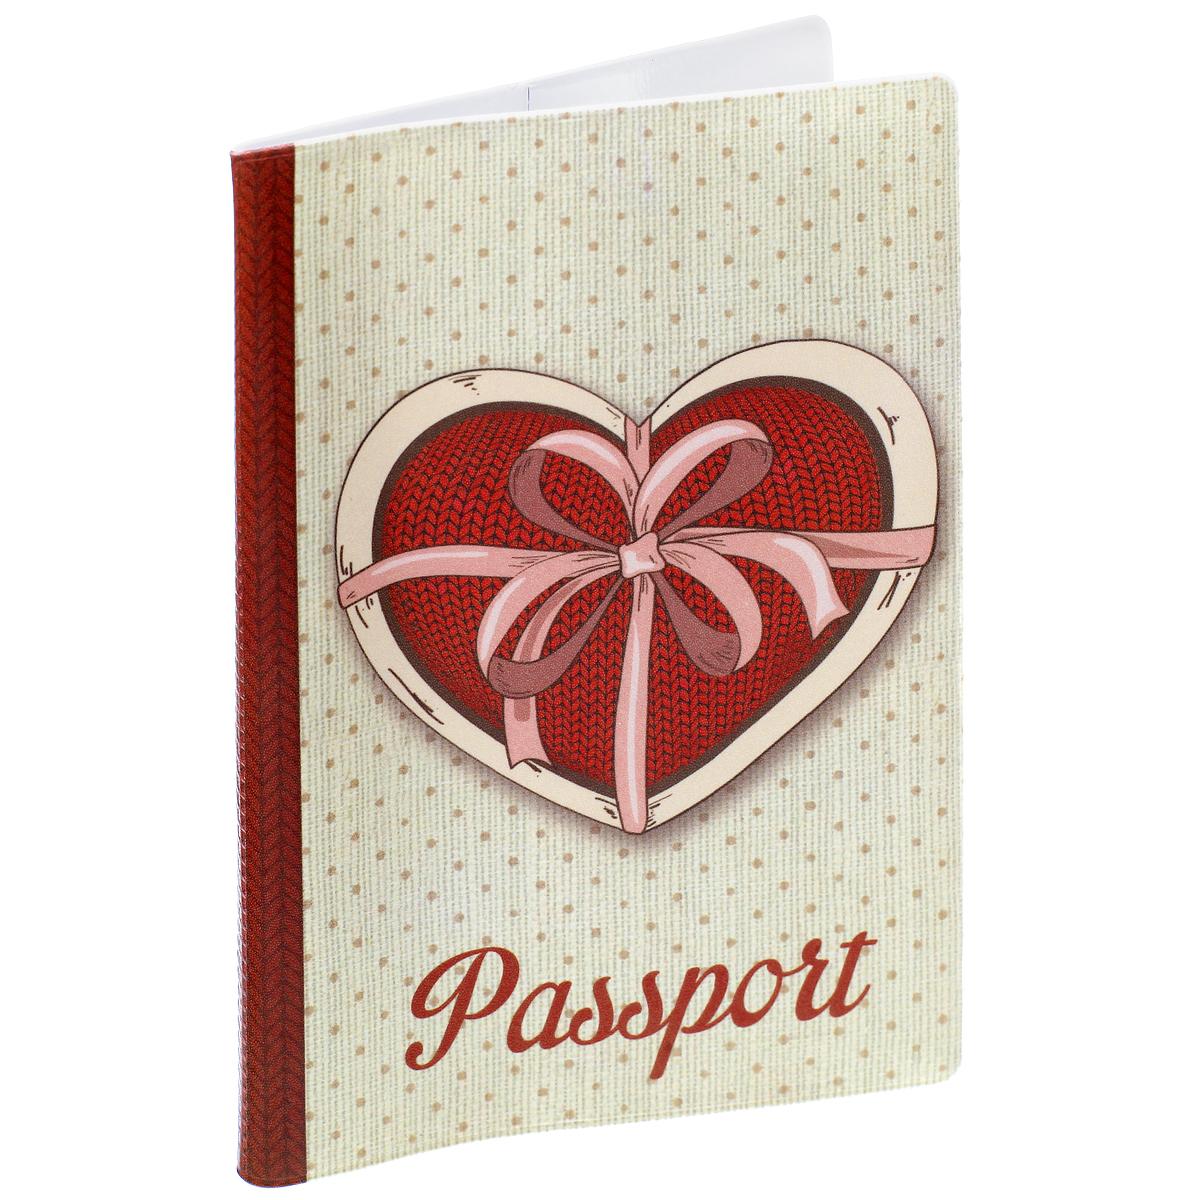 Обложка для паспорта Любовь, цвет: серый, красный. 37725595Обложка для паспорта Любовь не только поможет сохранить внешний вид ваших документов и защитить их от повреждений, но и станет стильным аксессуаром, идеально подходящим вашему образу. Обложка выполнена из поливинилхлорида и оформлена оригинальным изображением сердца. Внутри имеет два вертикальных кармана из прозрачного пластика. Такая обложка поможет вам подчеркнуть свою индивидуальность и неповторимость!